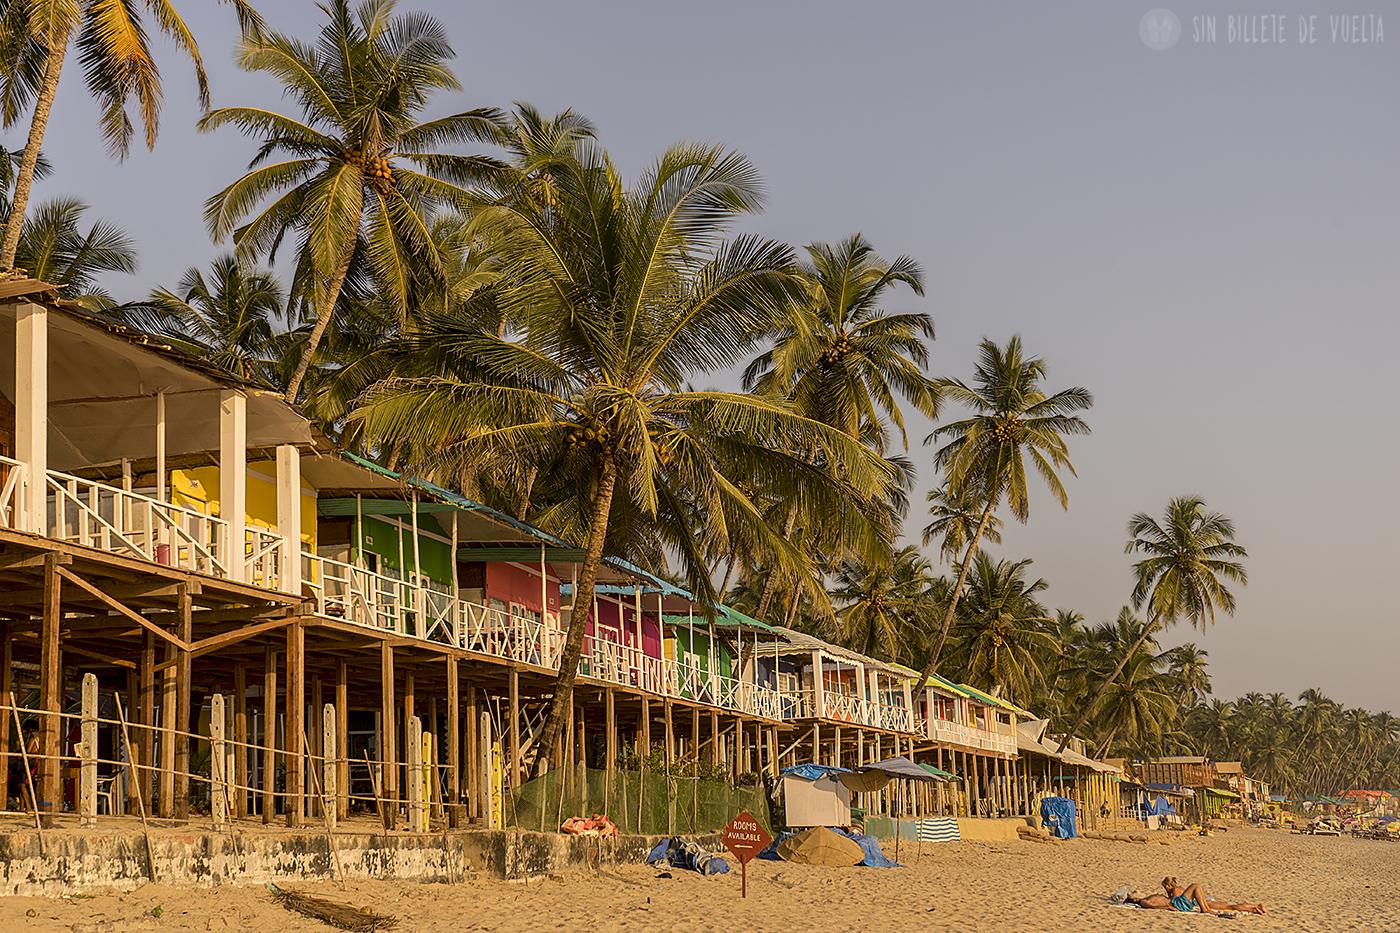 #Día 16 - Playa de Palolem